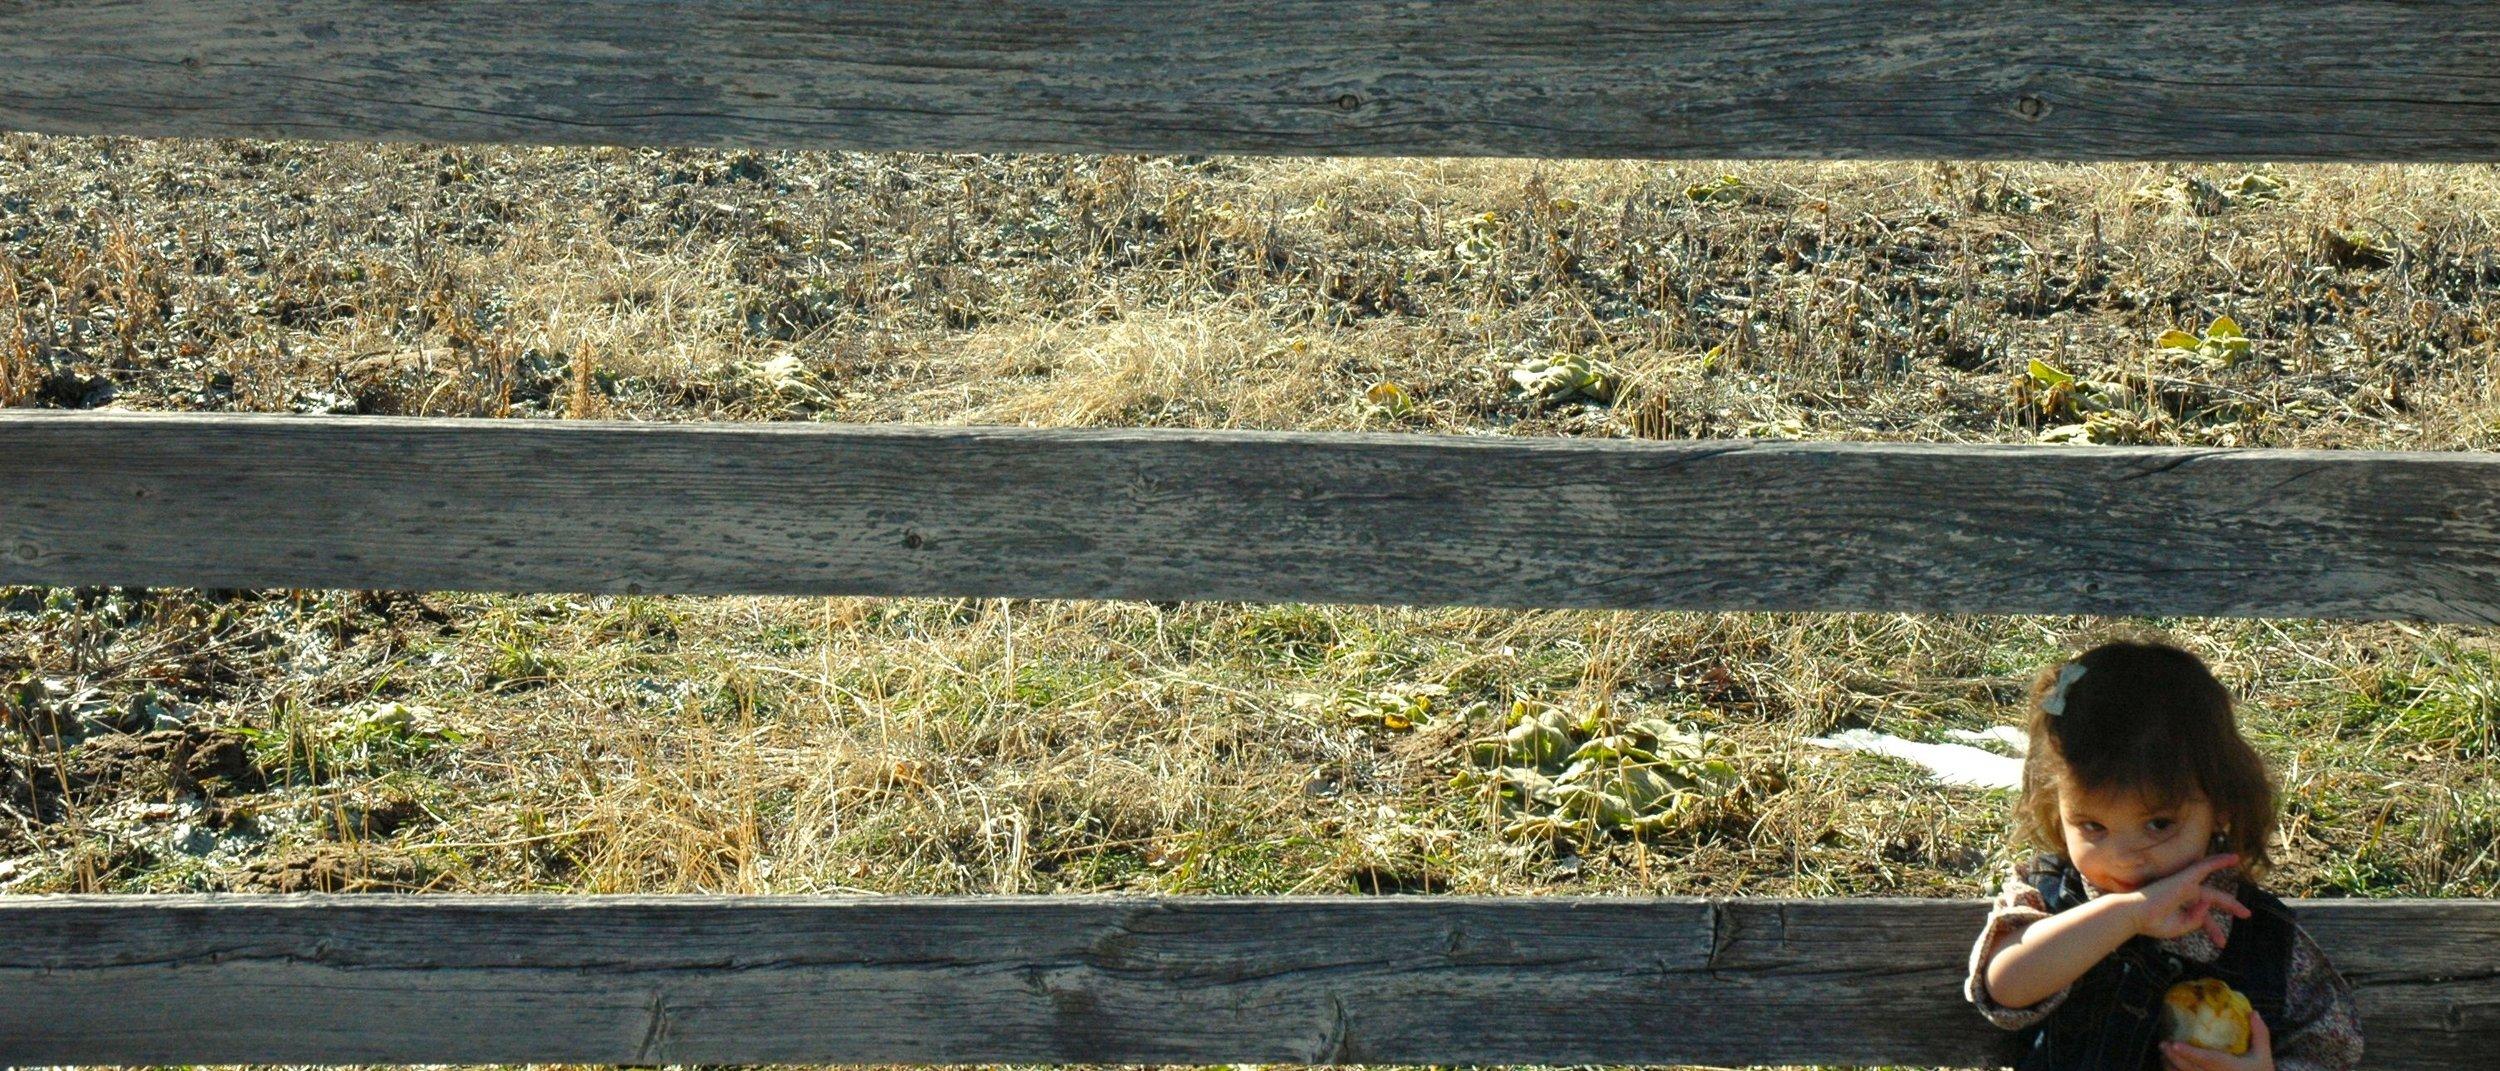 fence-wipe-pear-juice.jpg